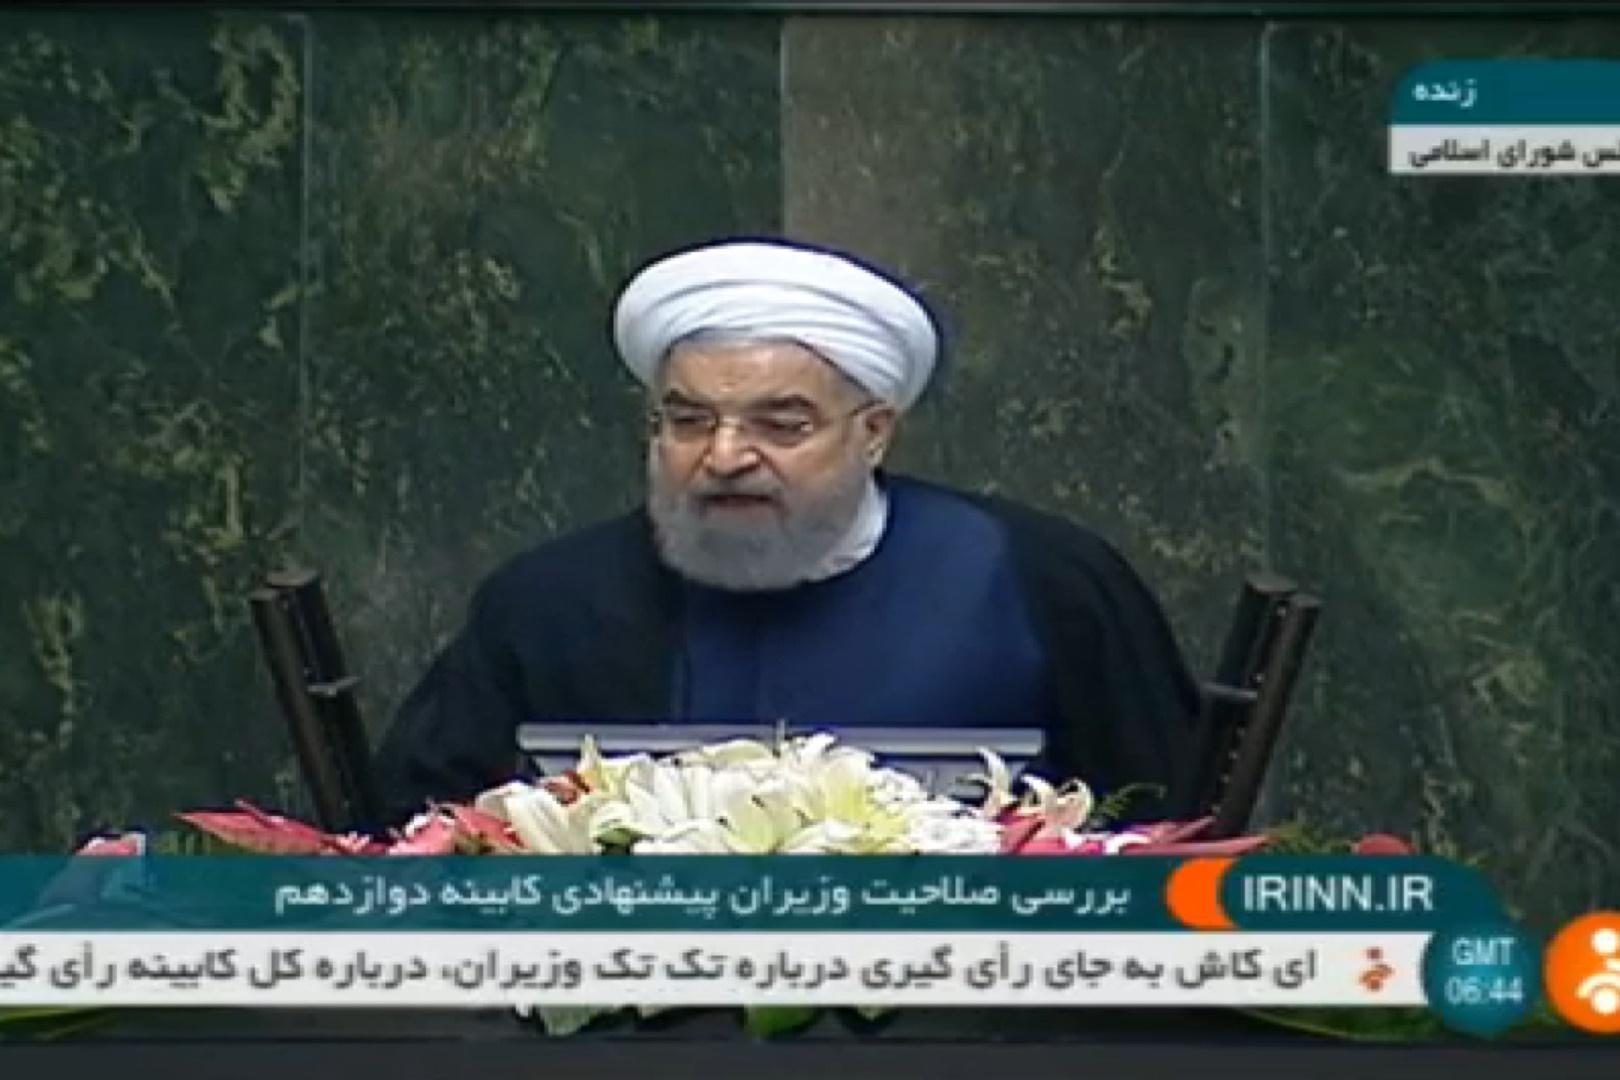 فیلم | روحانی: منتقد نباید از وزیر اطلاعات بترسد | درخواست از آوایی برای رسیدگی به حقوق بشر